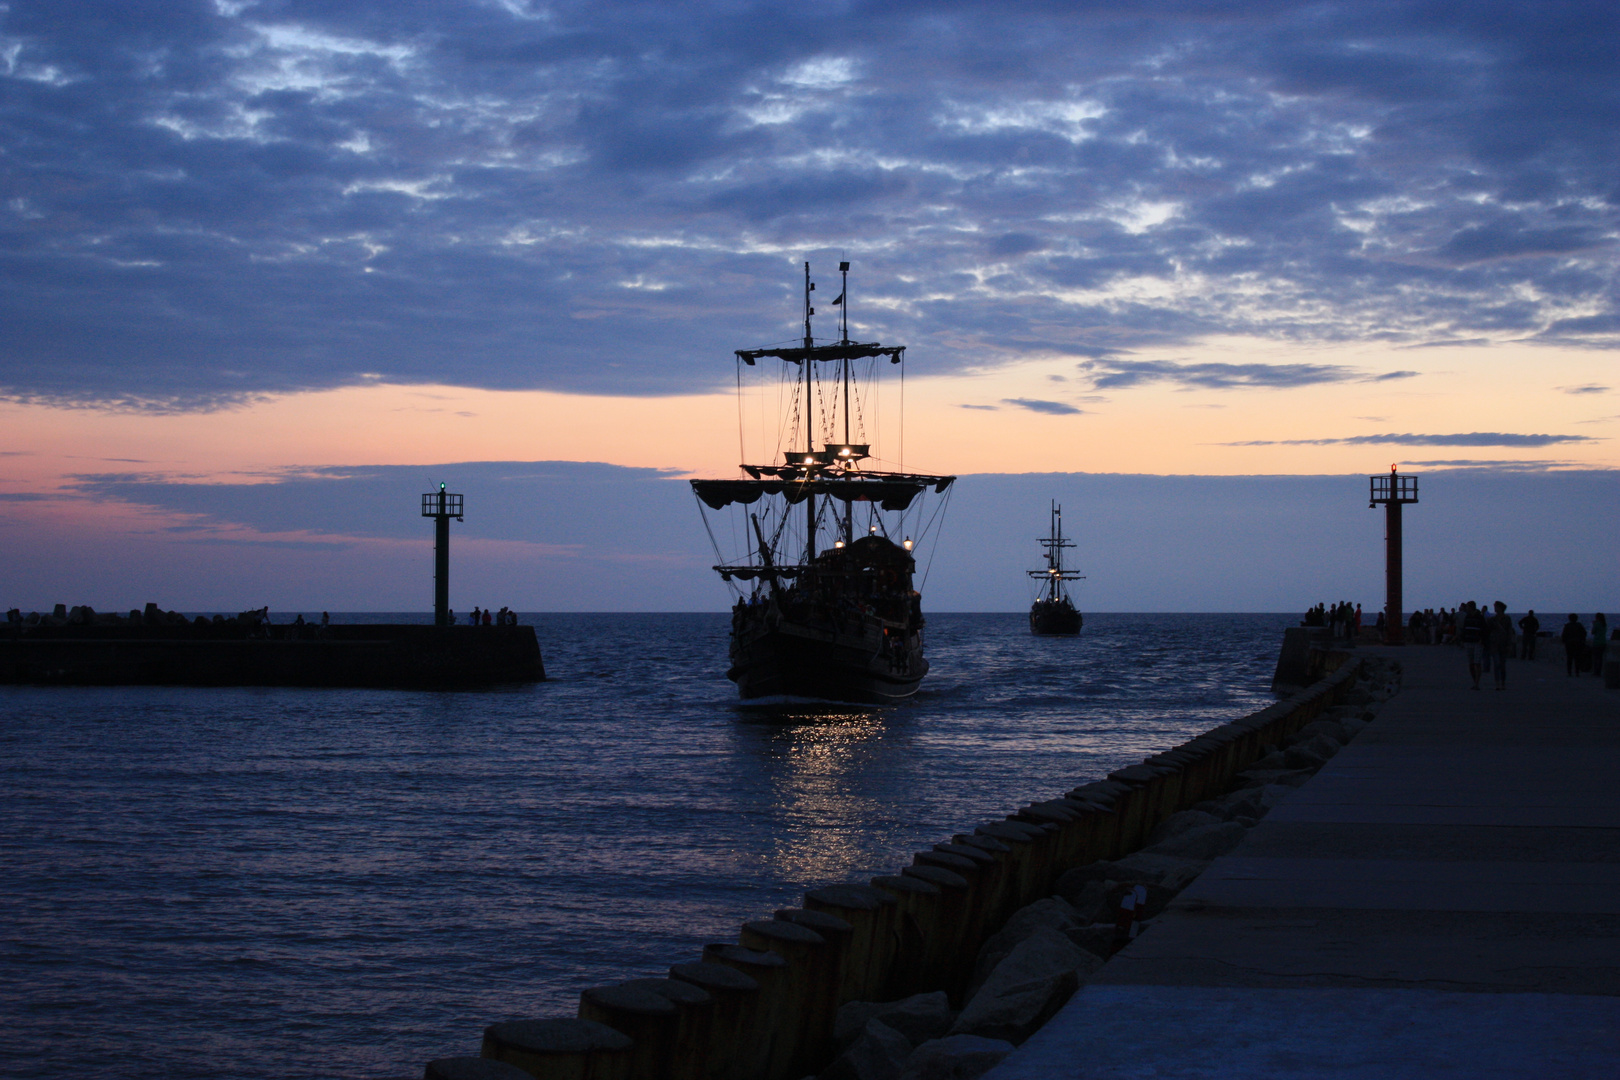 Piratenschiff an der Hafeneinfahrt von Darlowo